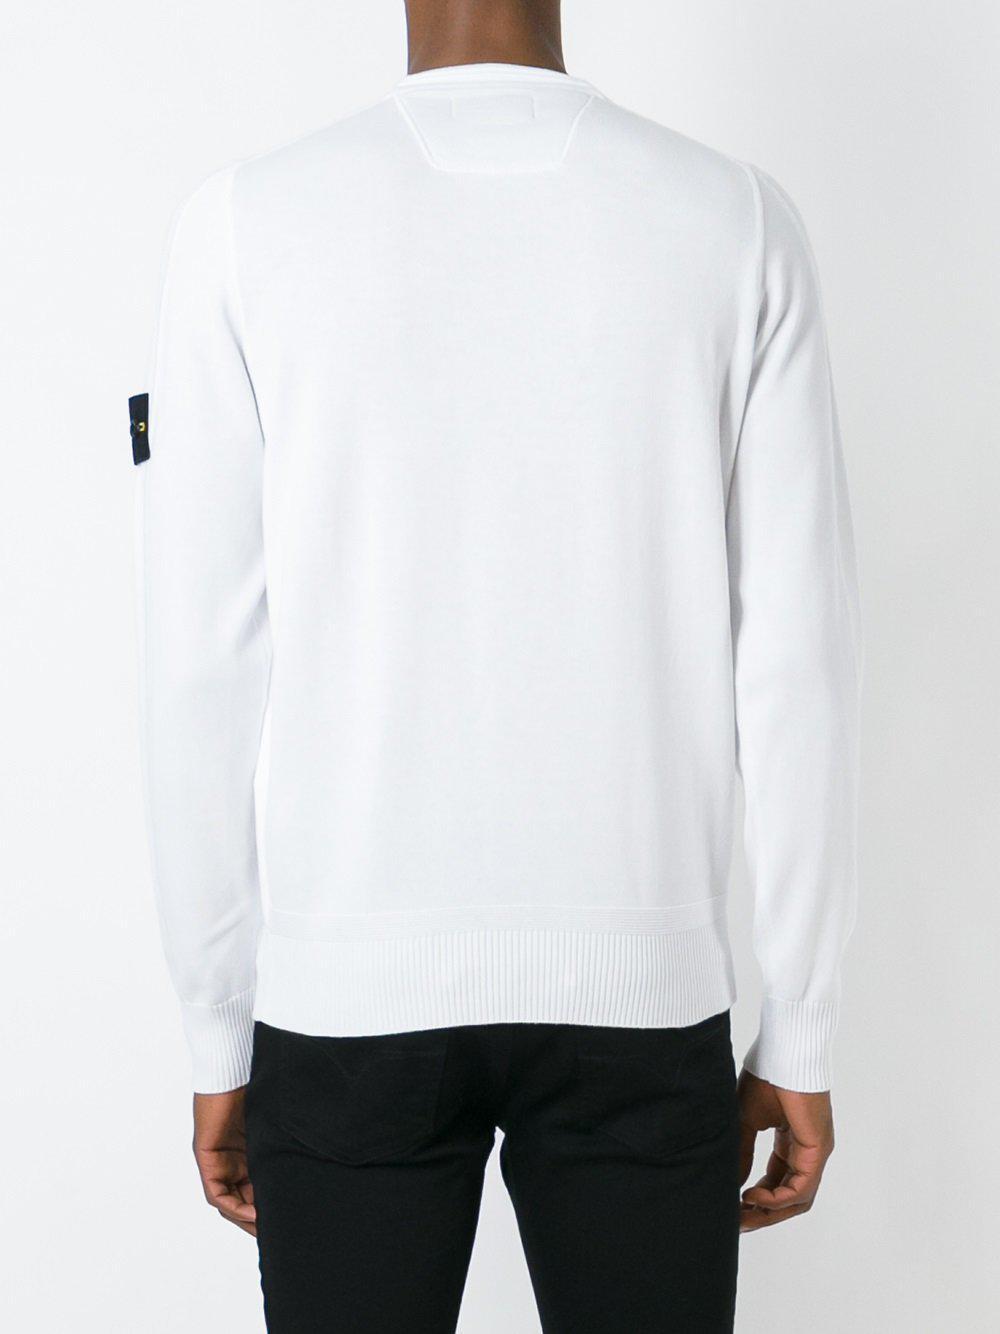 Stone Island Cotton Crew Neck Jumper in White (Black) for Men